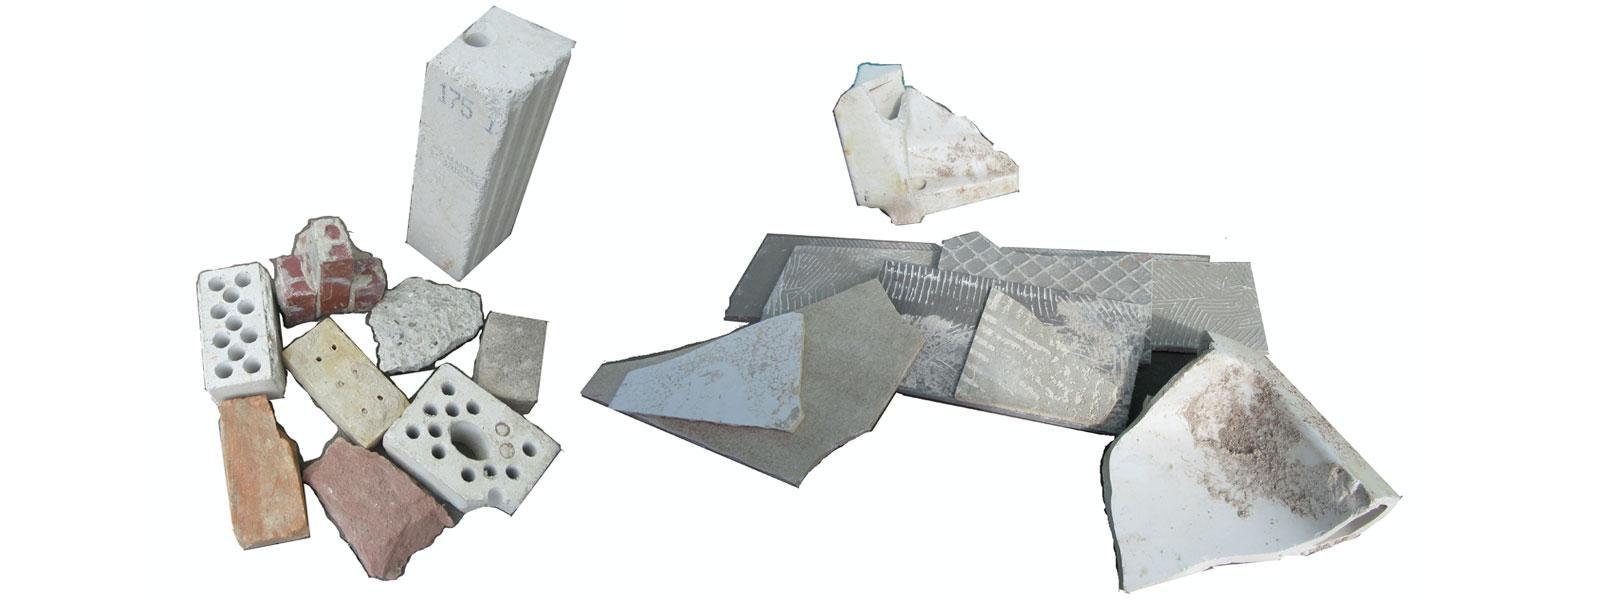 Gemische aus Beton, Ziegeln, Fliesen und Keramik